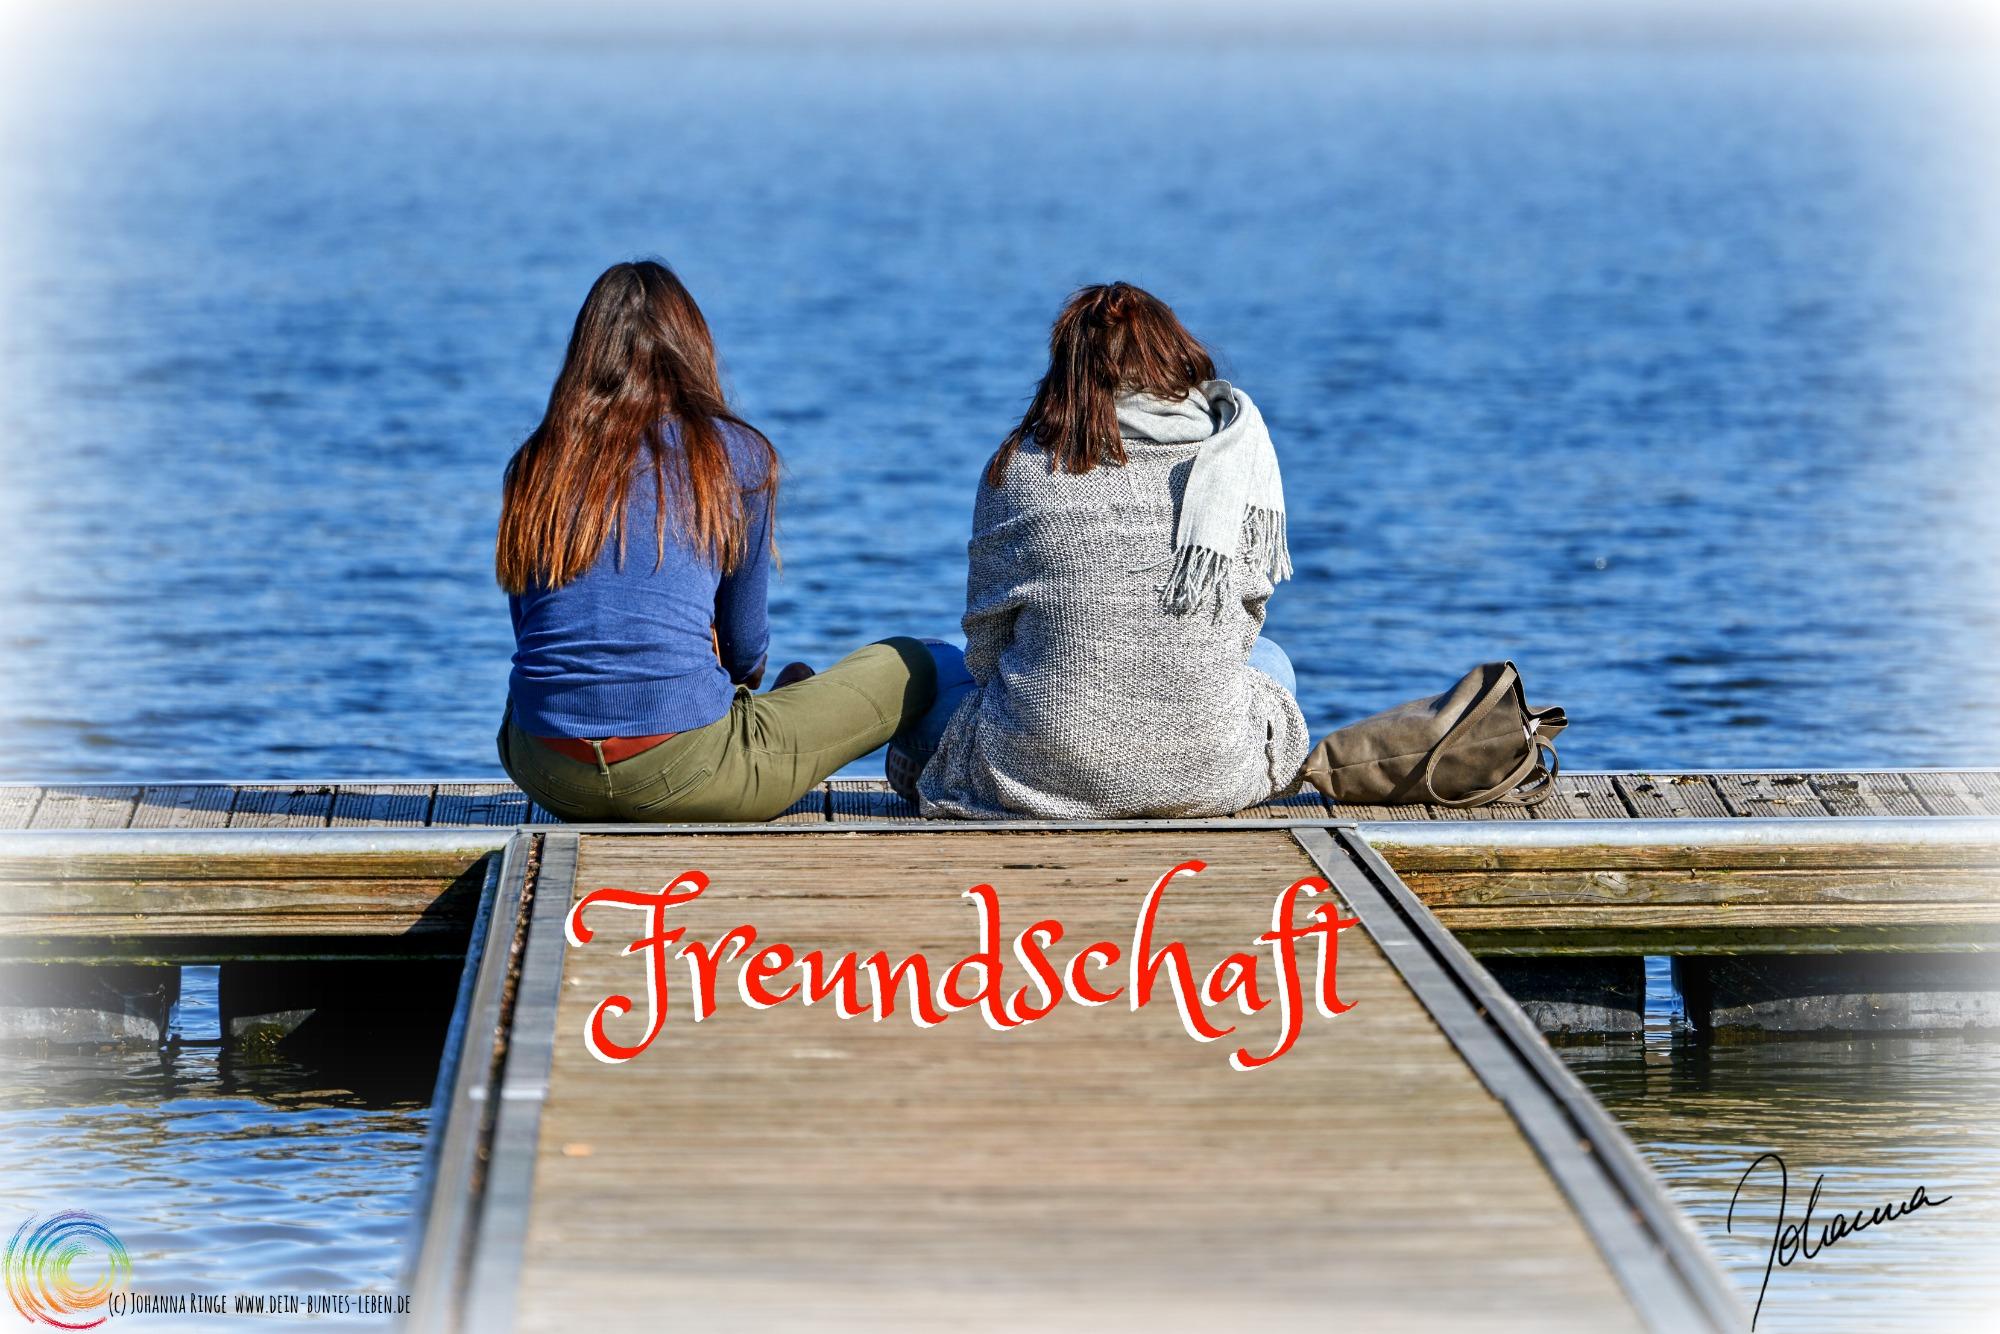 Das Wort Freundschaft auf einem Photo von zwei Menschen, die auf einem Steg am Wasser sitzen. (c)2018 Johanna Ringe www.dein-buntes-leben.de